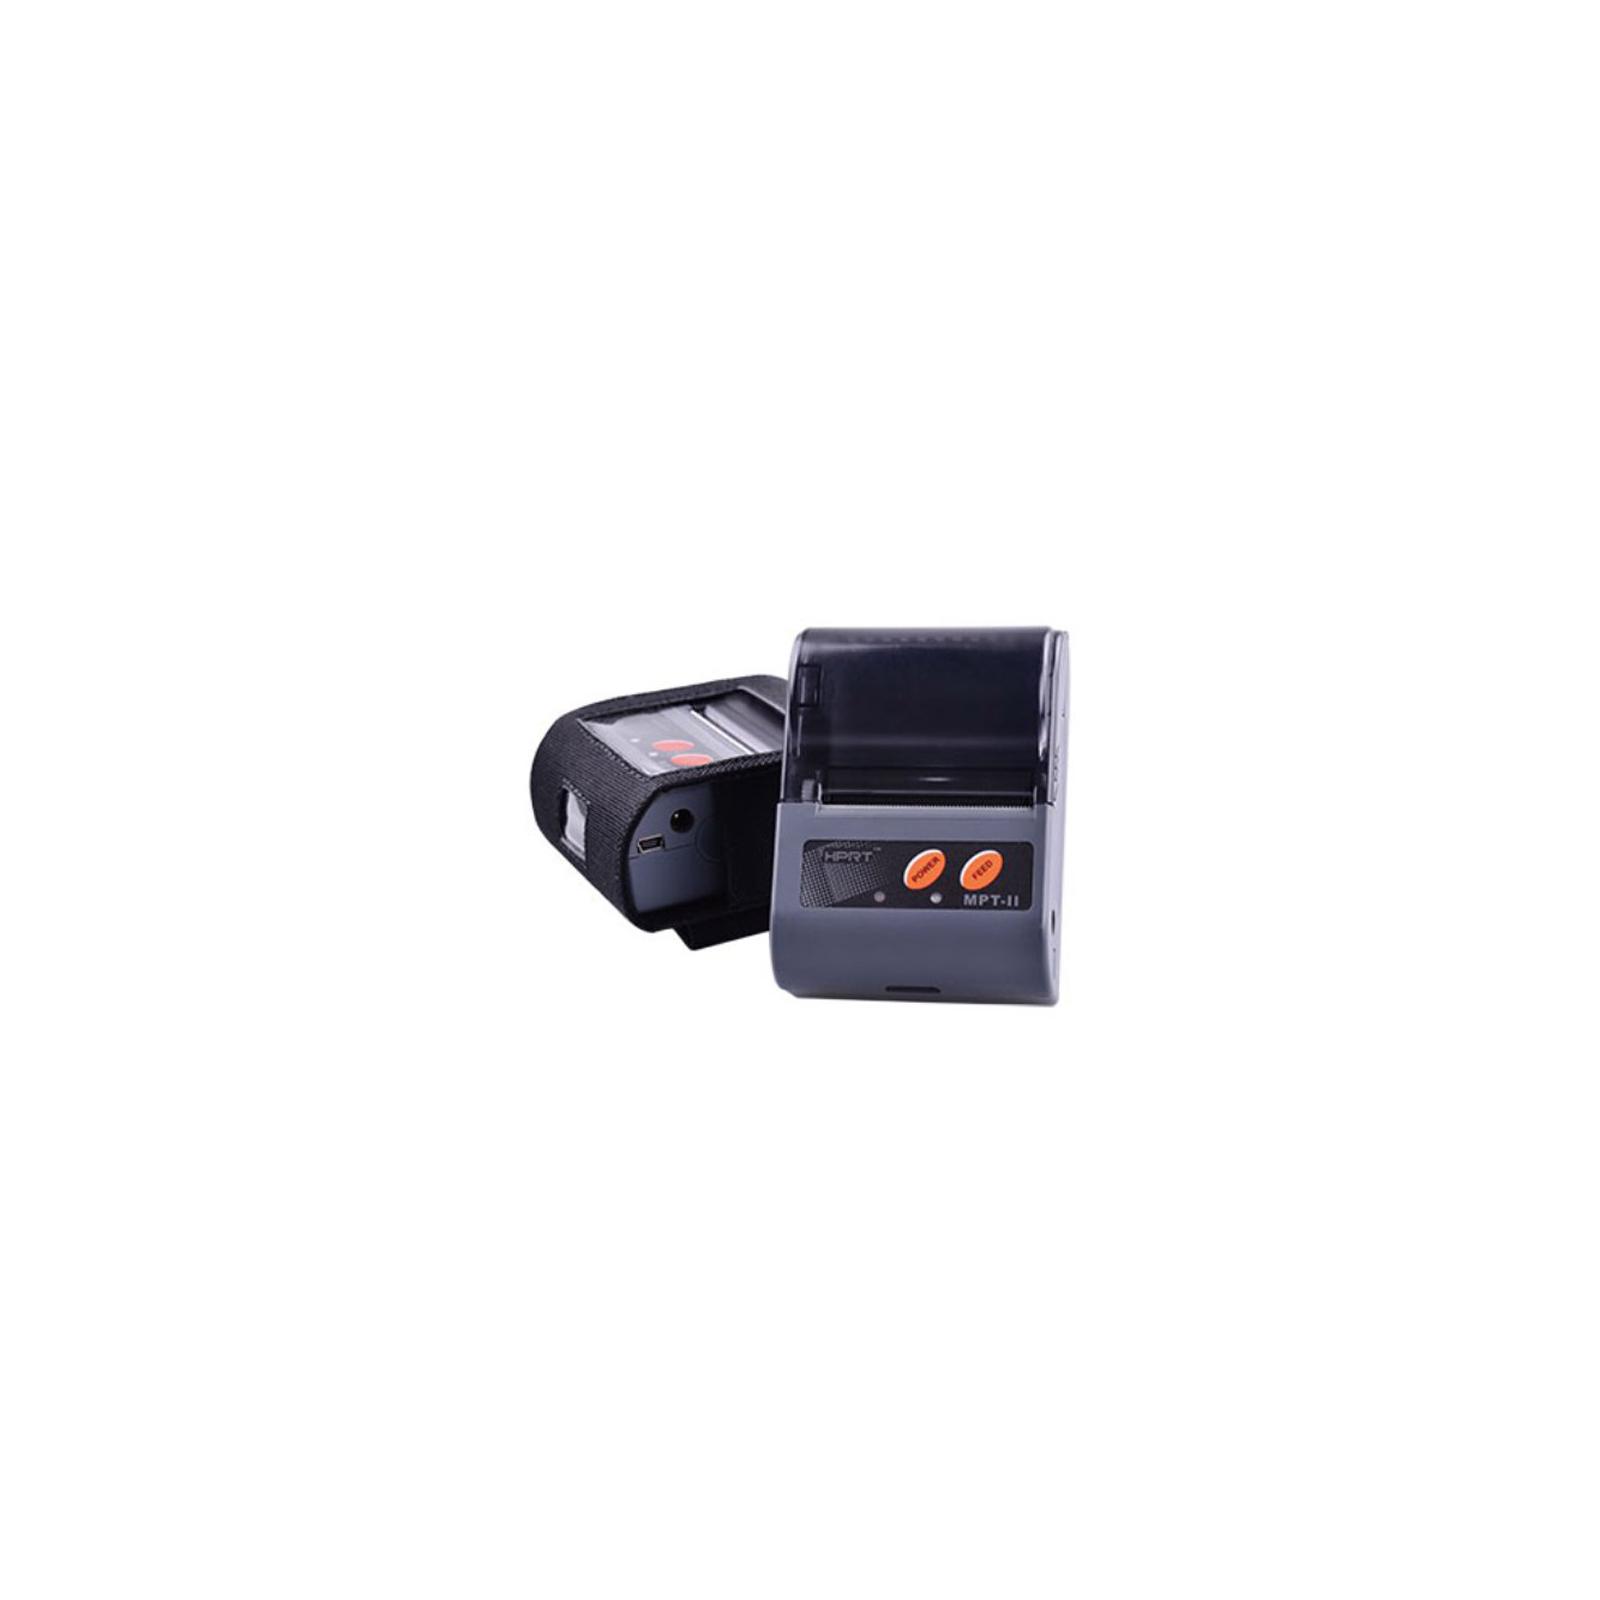 Принтер чеков Rongta RPP-02 (9722) изображение 4